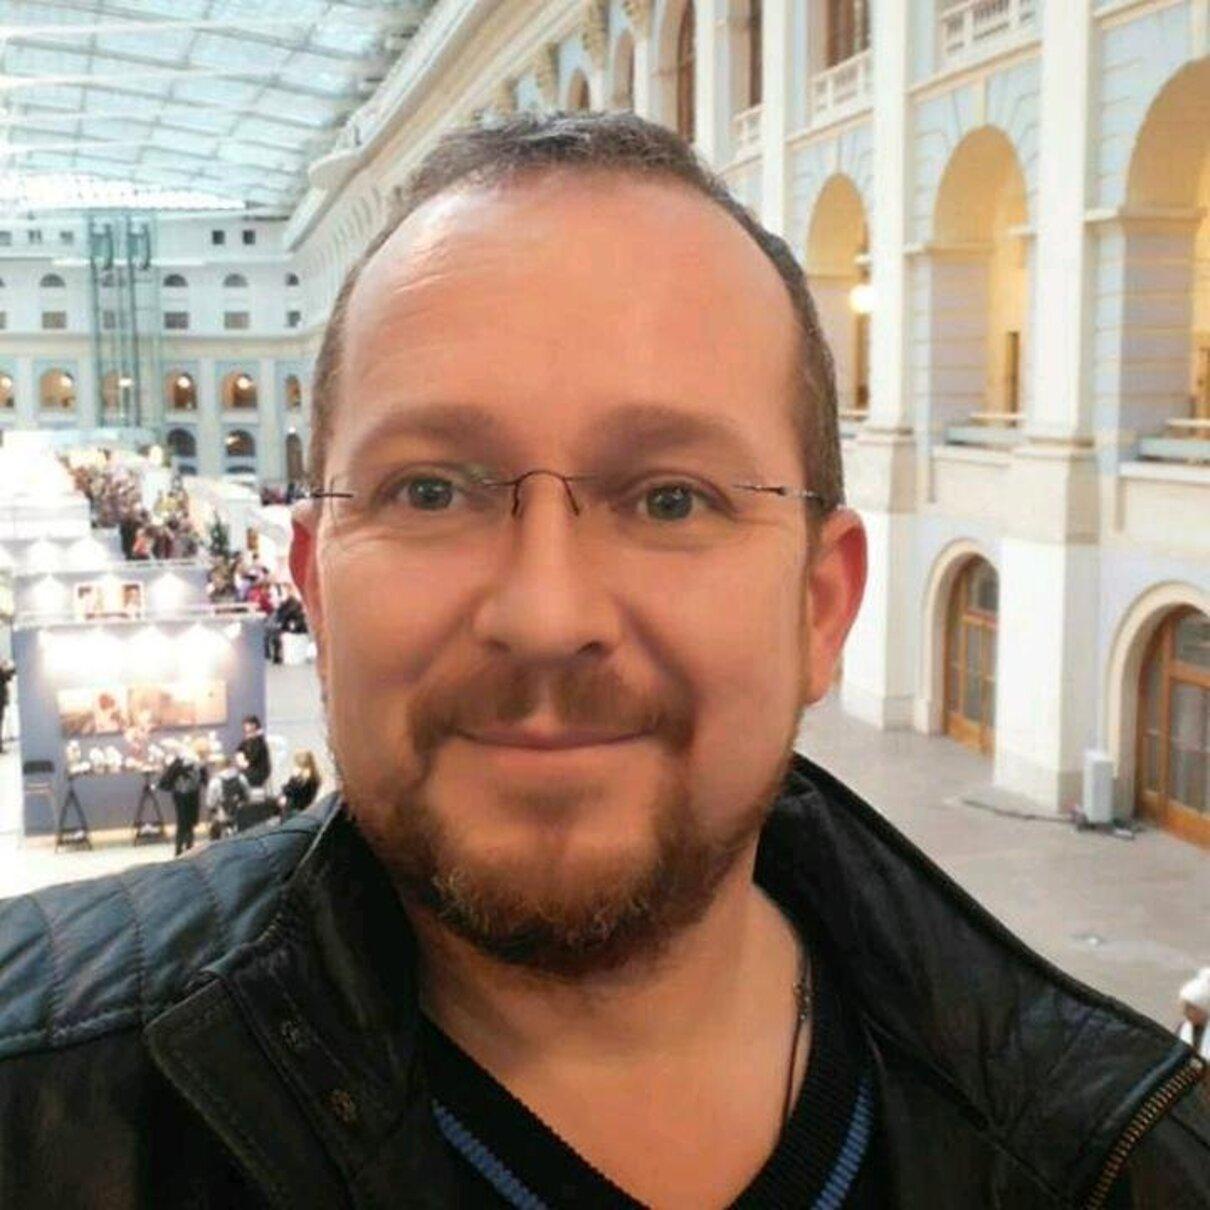 Жалоба-отзыв: Http://dr-shvets.ru - Доктор Артур Швец - мошенник